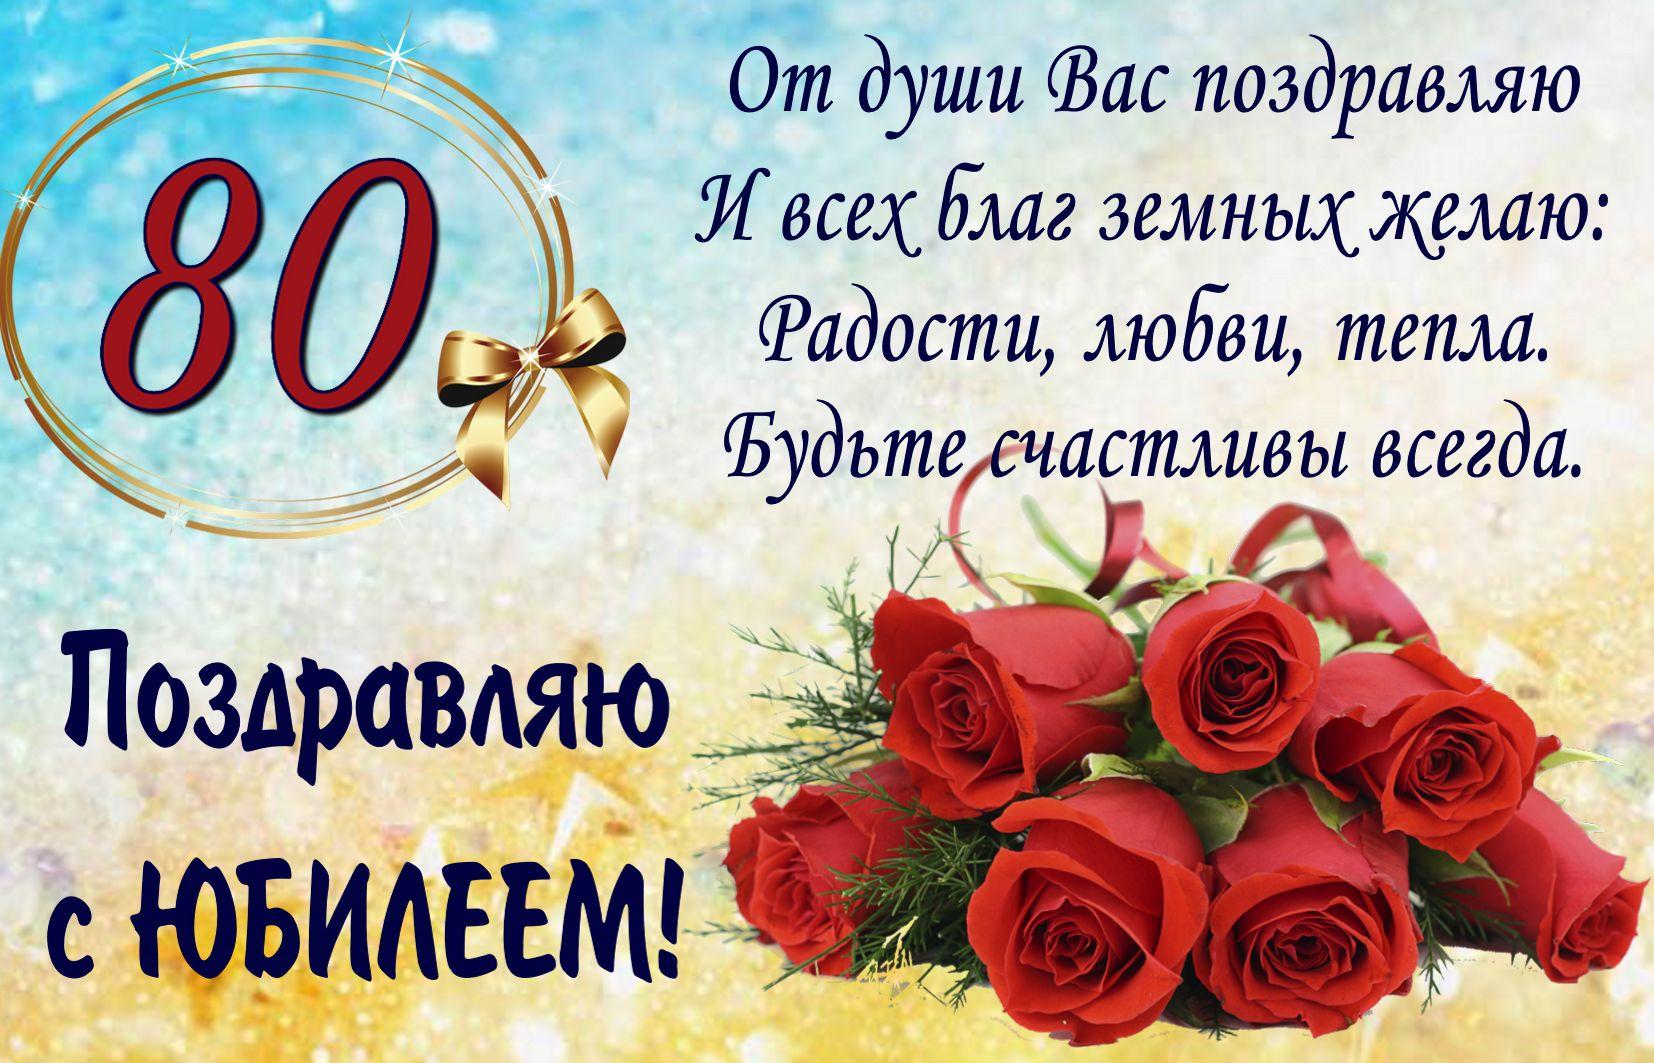 Открытка на юбилей 80 лет - поздравление с букетом красных роз